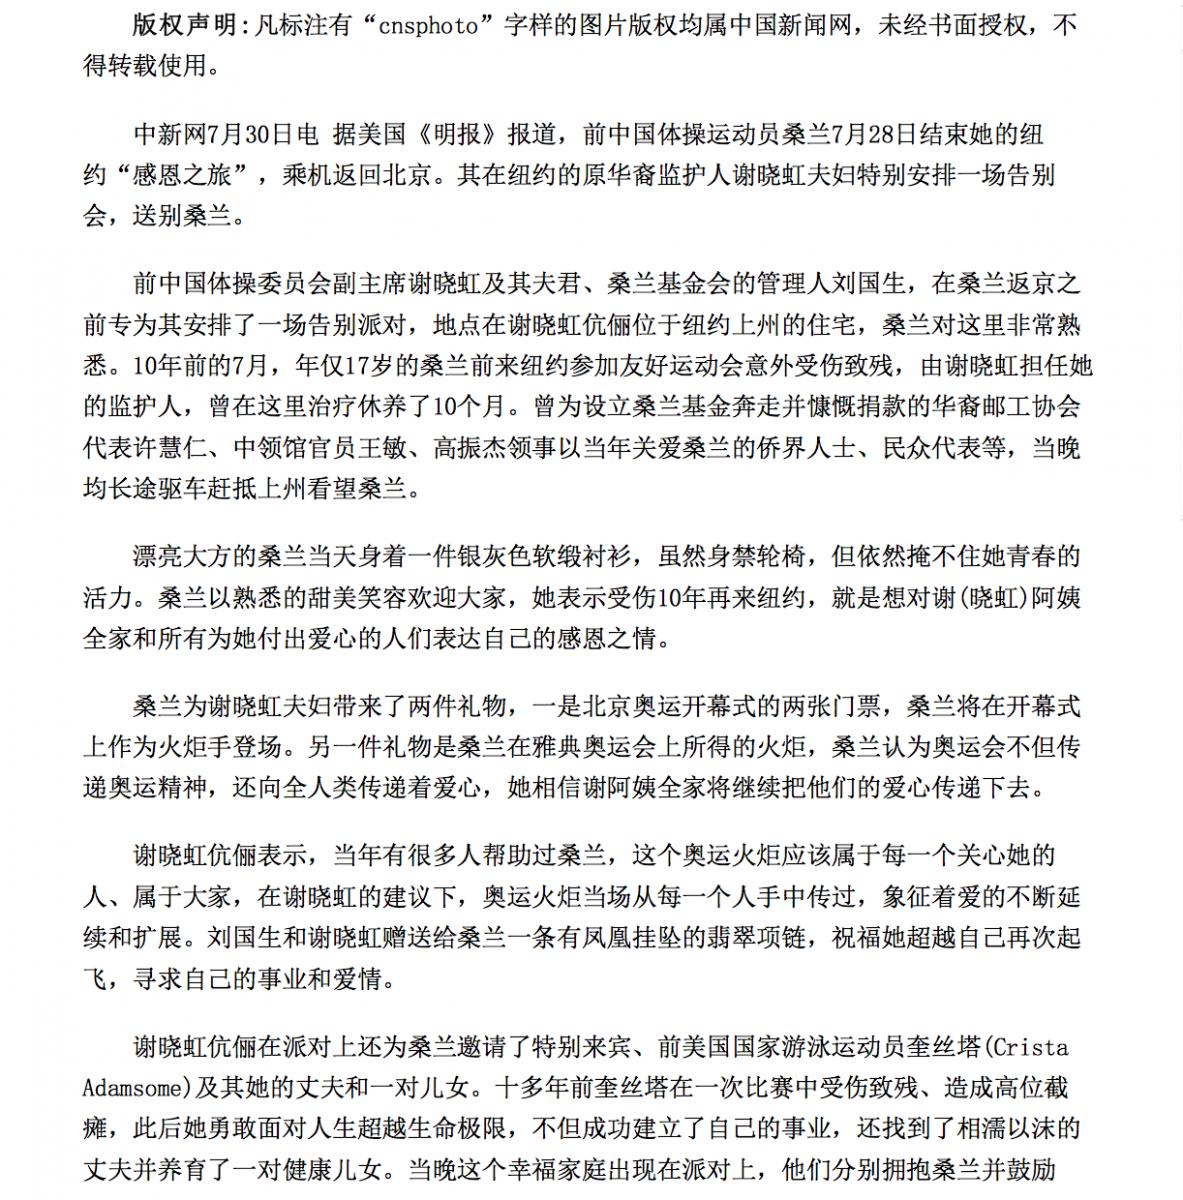 桑兰跨国诉讼案四年来的回顾(10)_图1-4